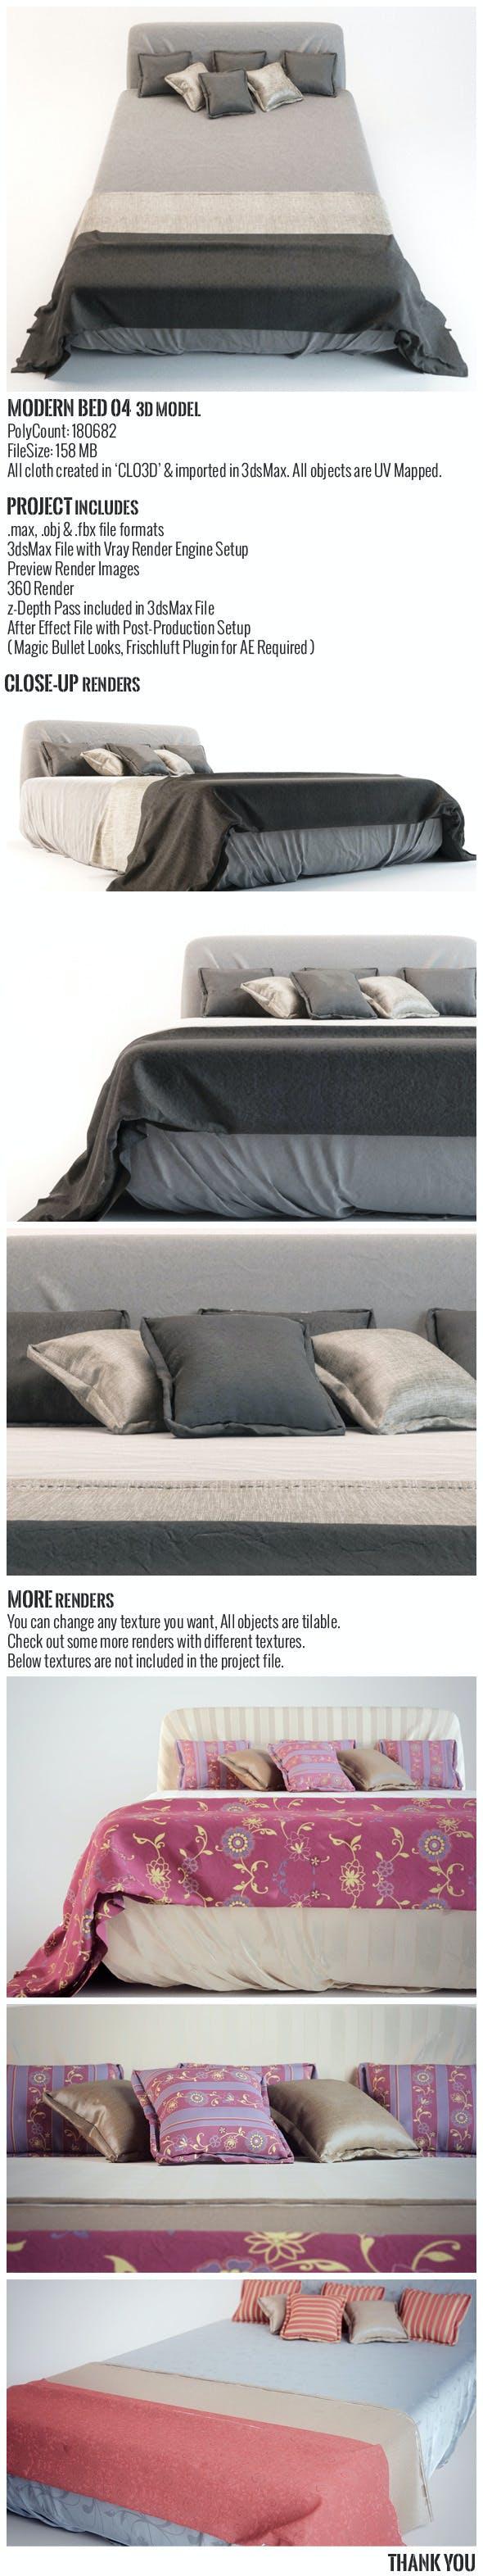 Modern Bed 04 3D Model - 3DOcean Item for Sale